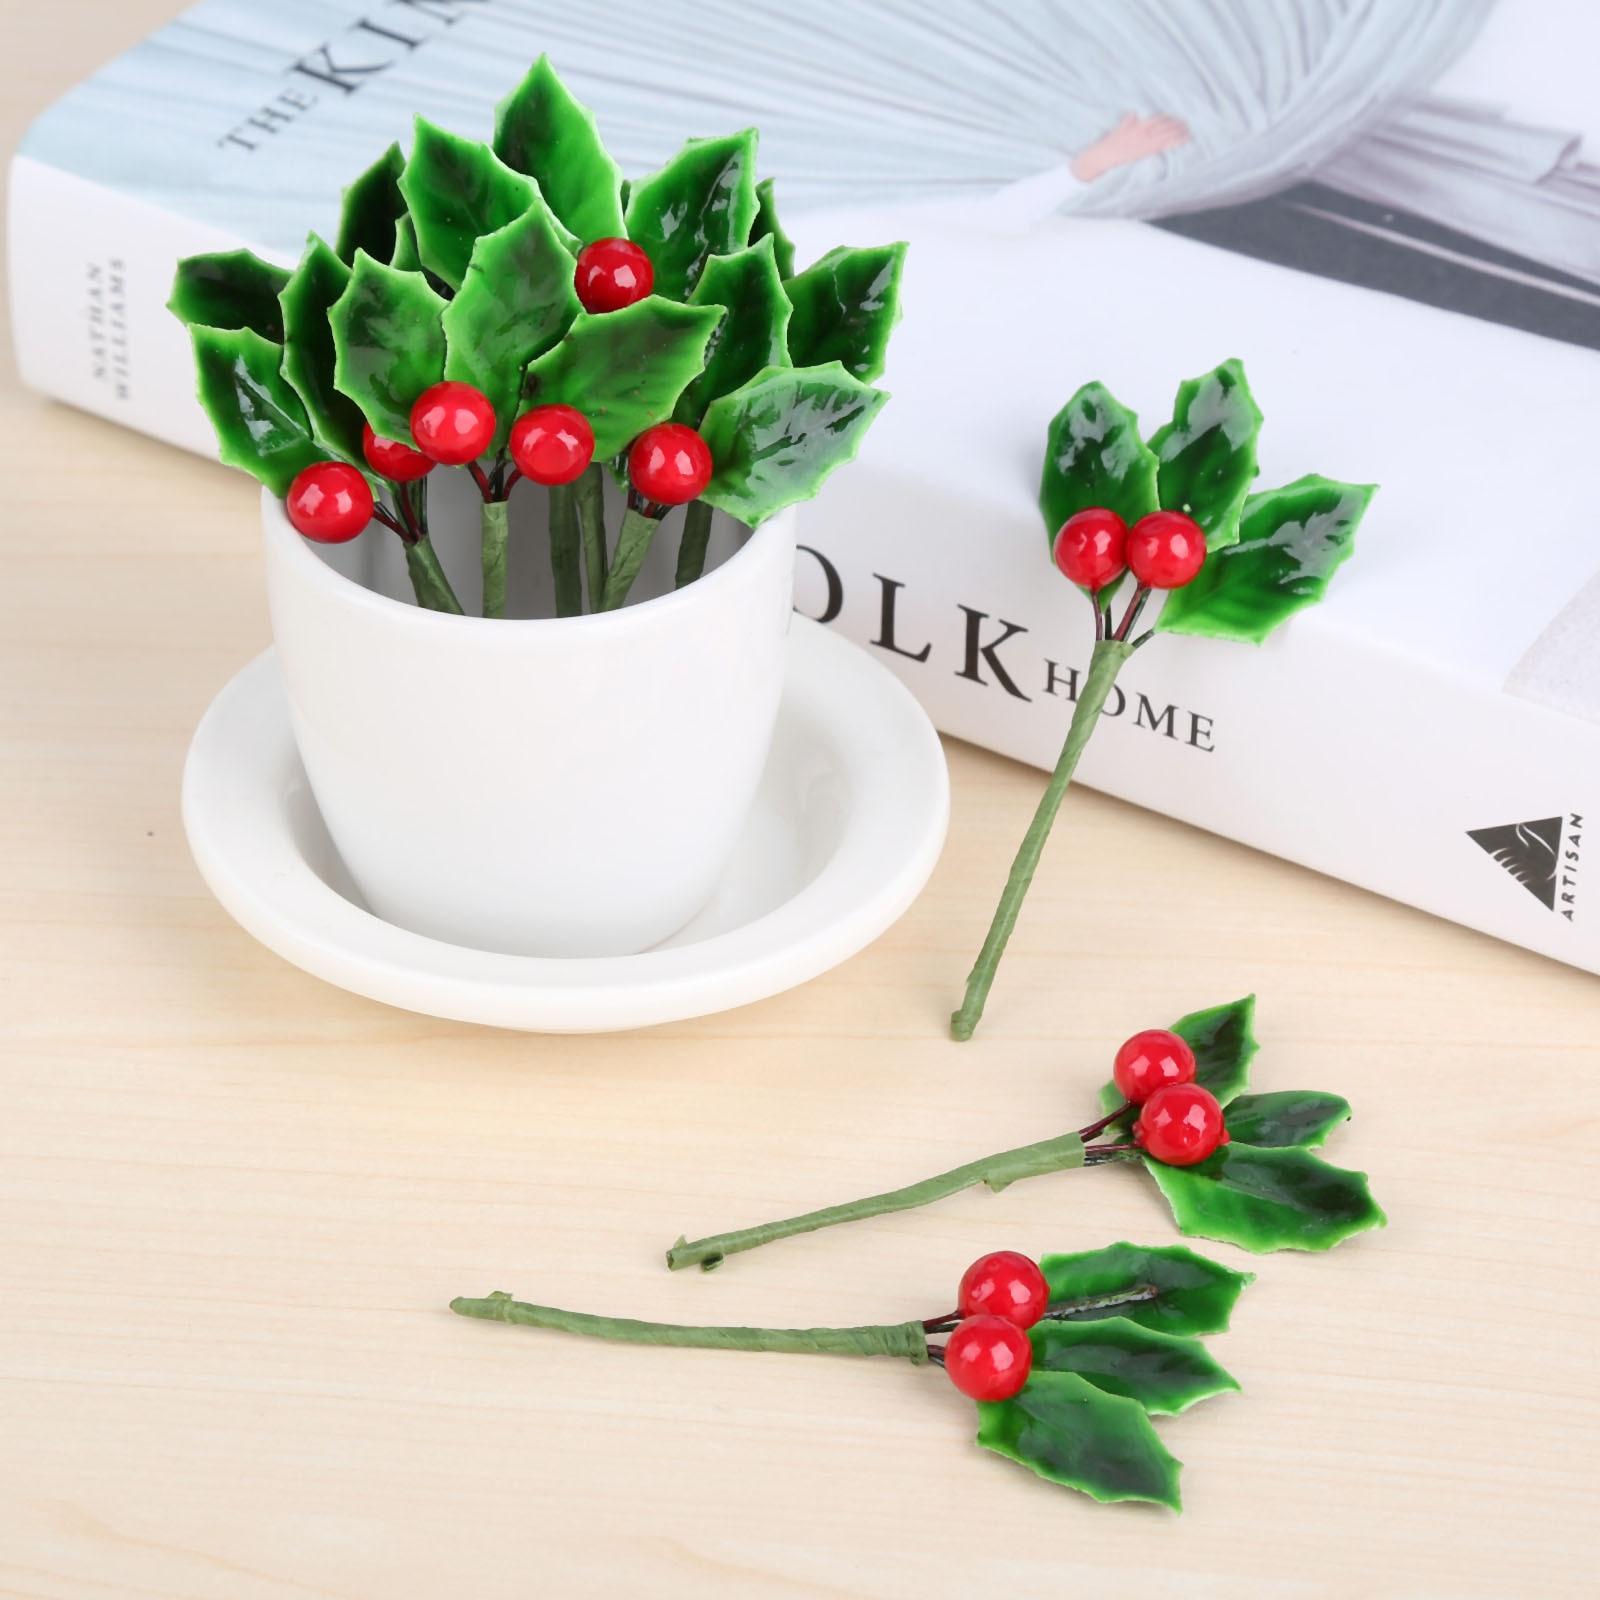 Искусственные ягоды, ветки, красная пена, вишня, маленькие фрукты с зелеными листьями, Свадебные Рождественские венки, поделки, украшение дл...